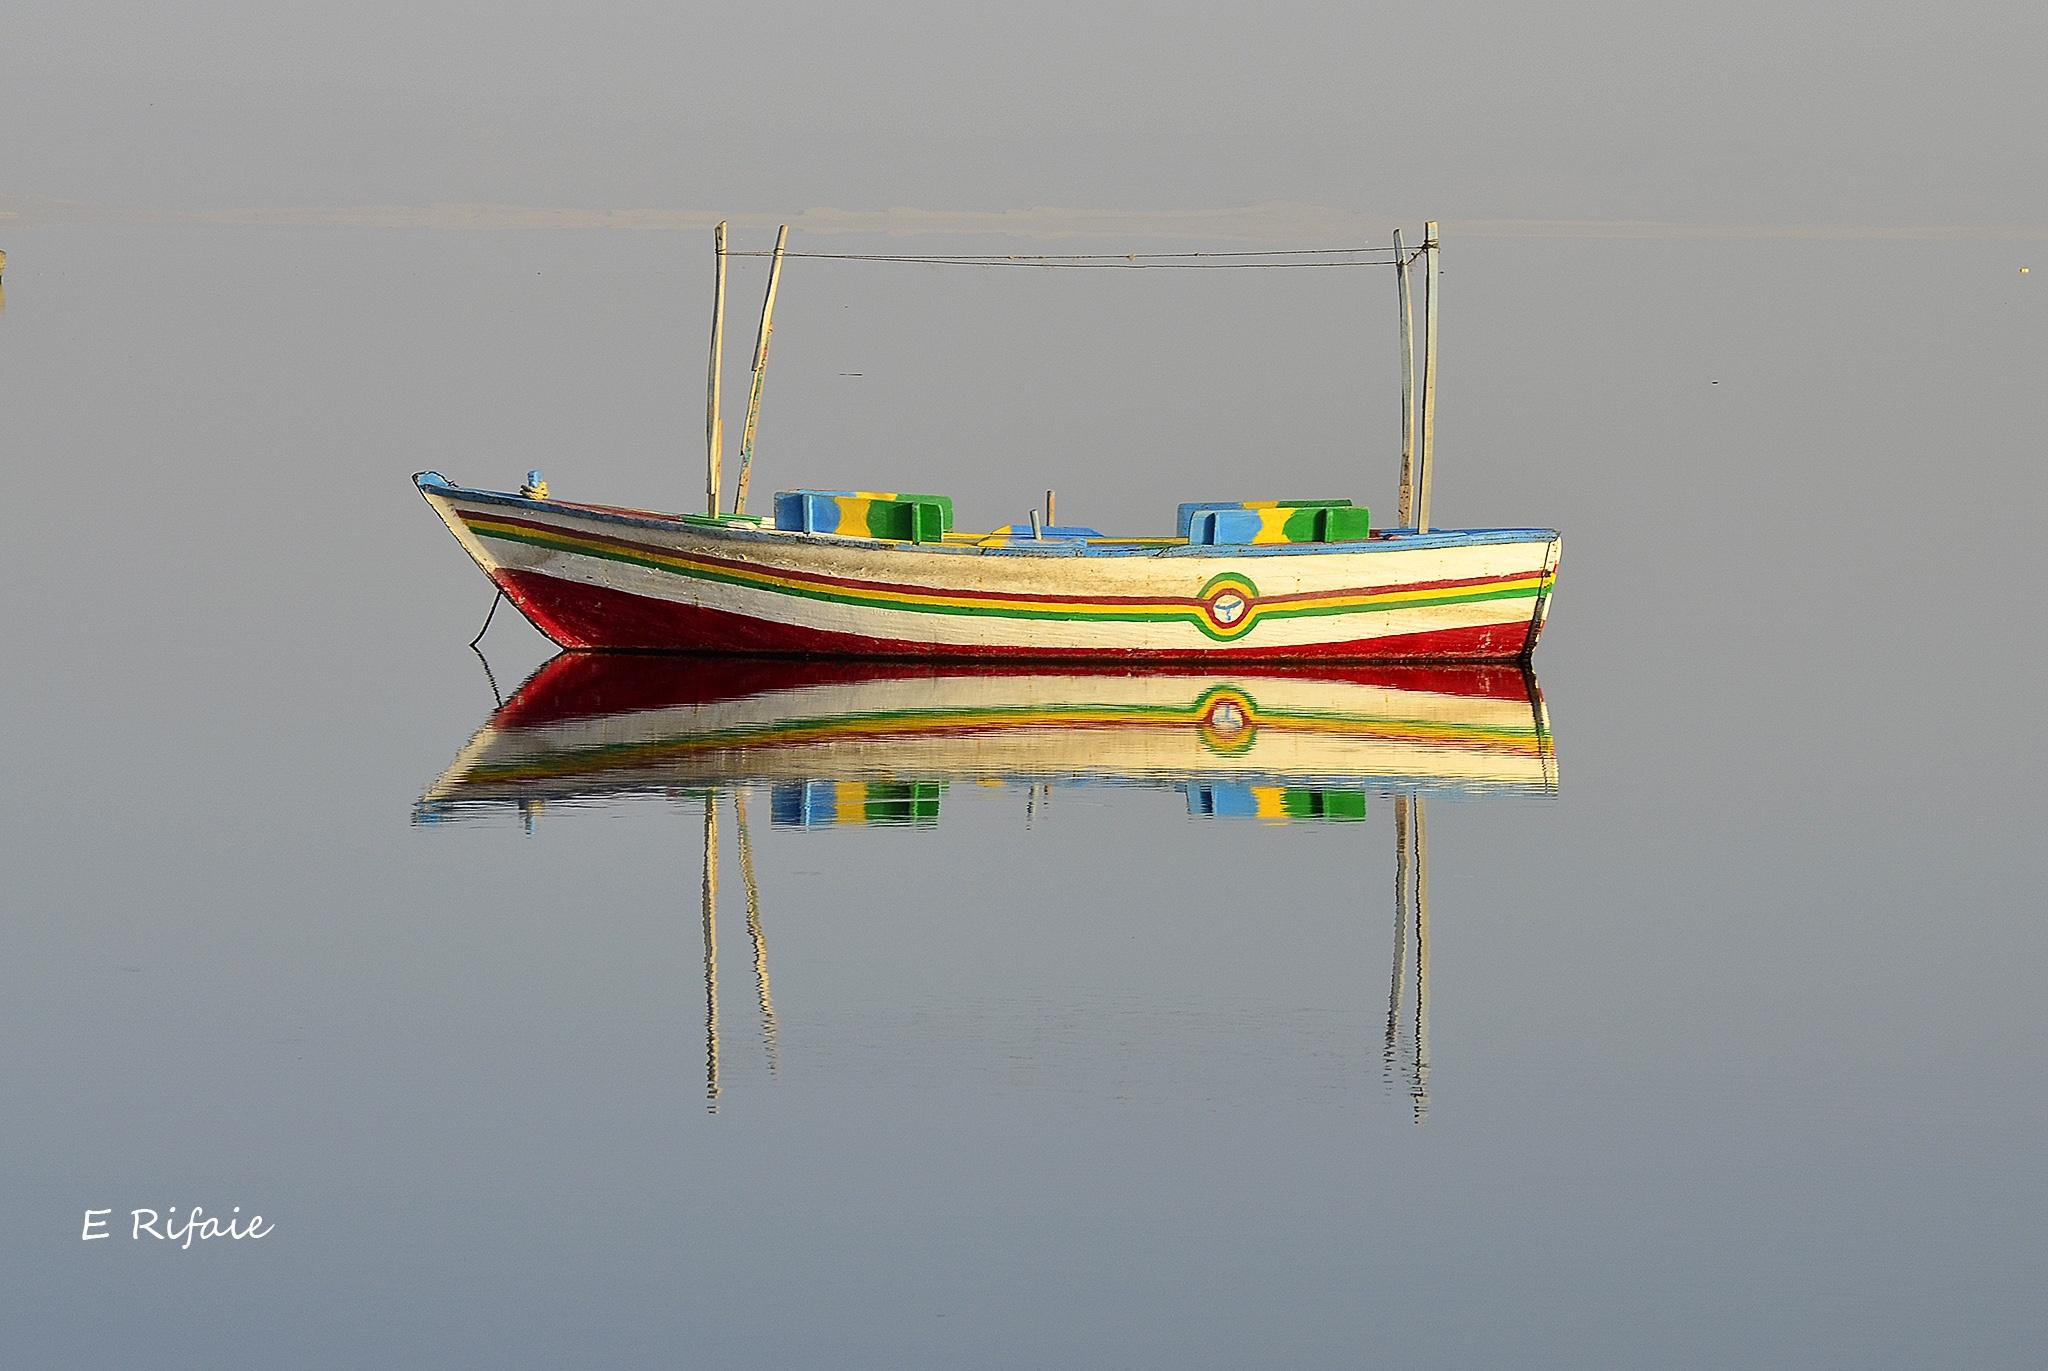 Boat reflection by Emad Eldin Moustafa El Refaie